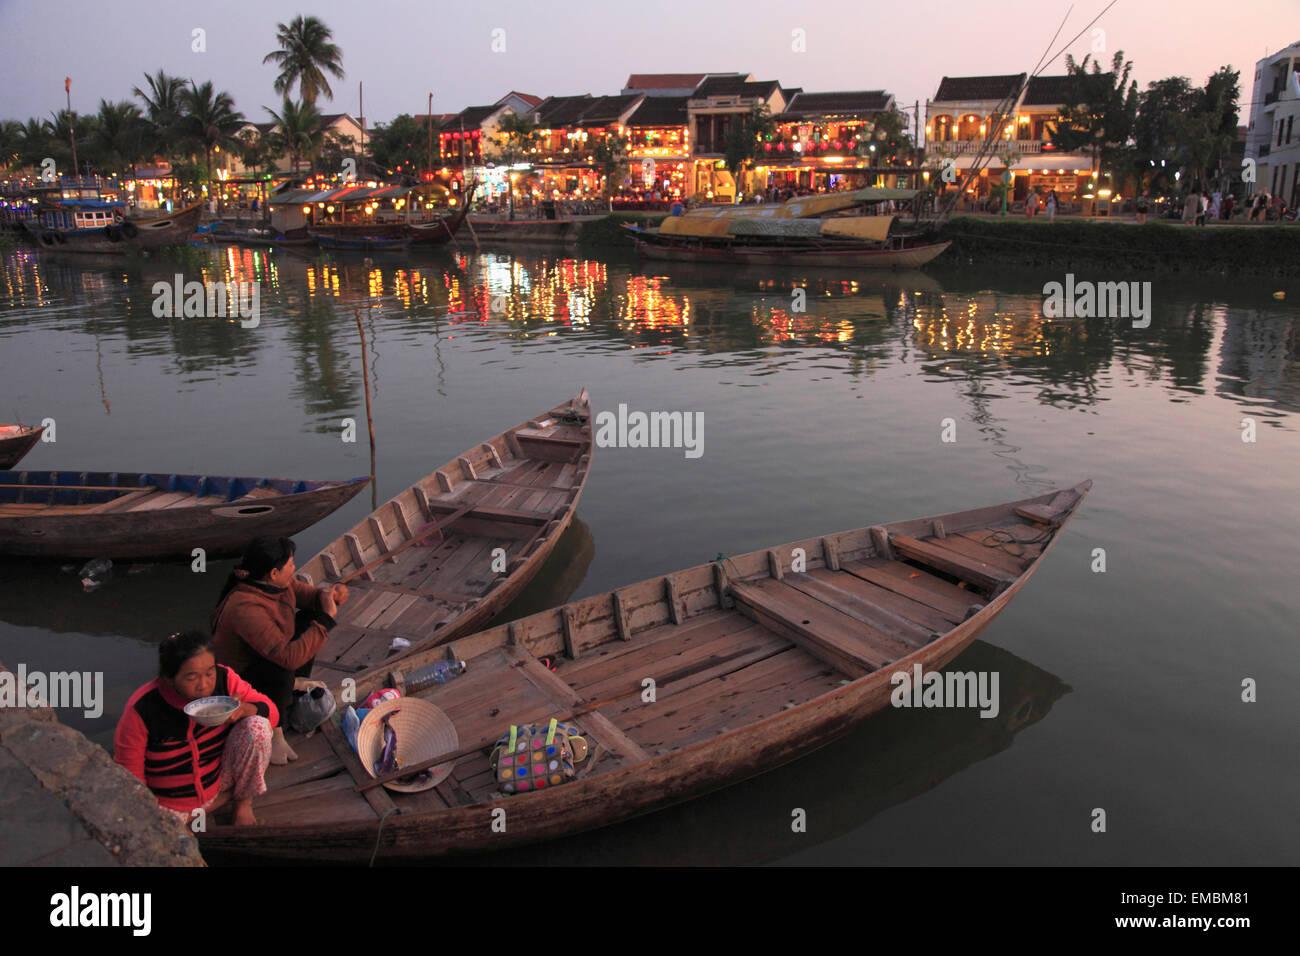 Vietnam, Hoi An, la rivière Thu Bon, les bateaux, les gens, Photo Stock